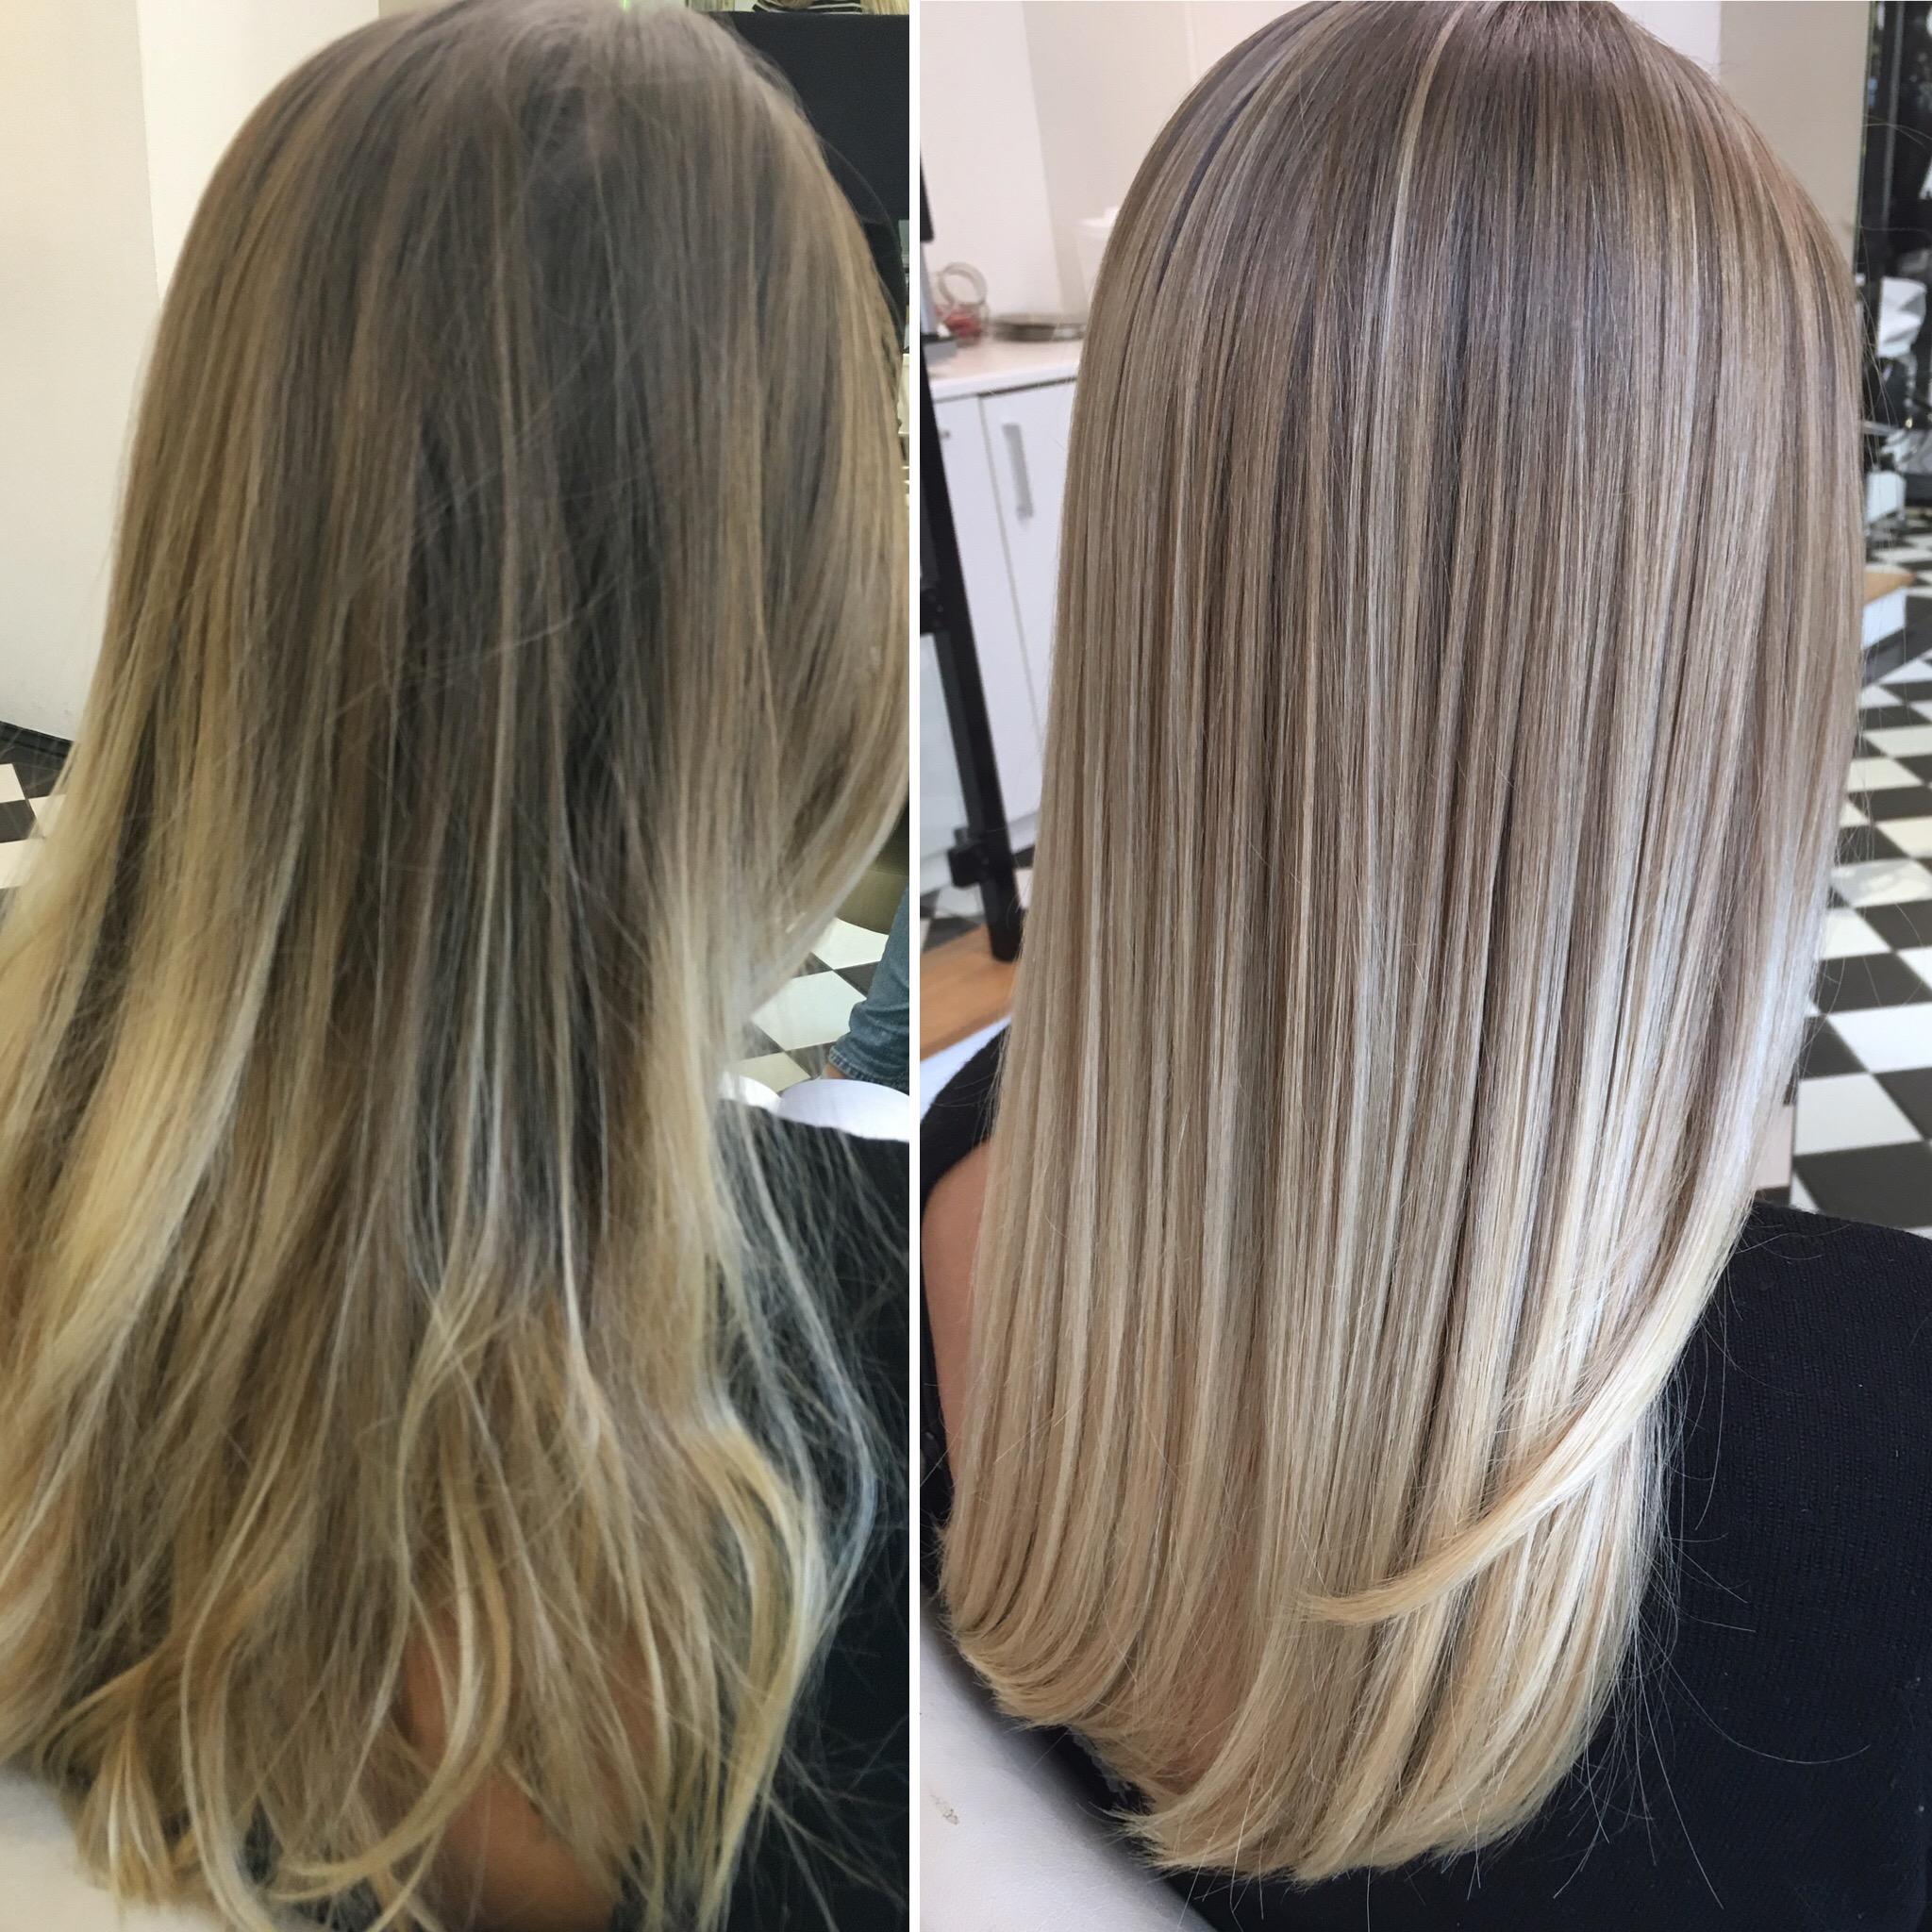 Hair Lounge No1 Willkommen Bei Ihrem Friseur Meister Team In Bonn